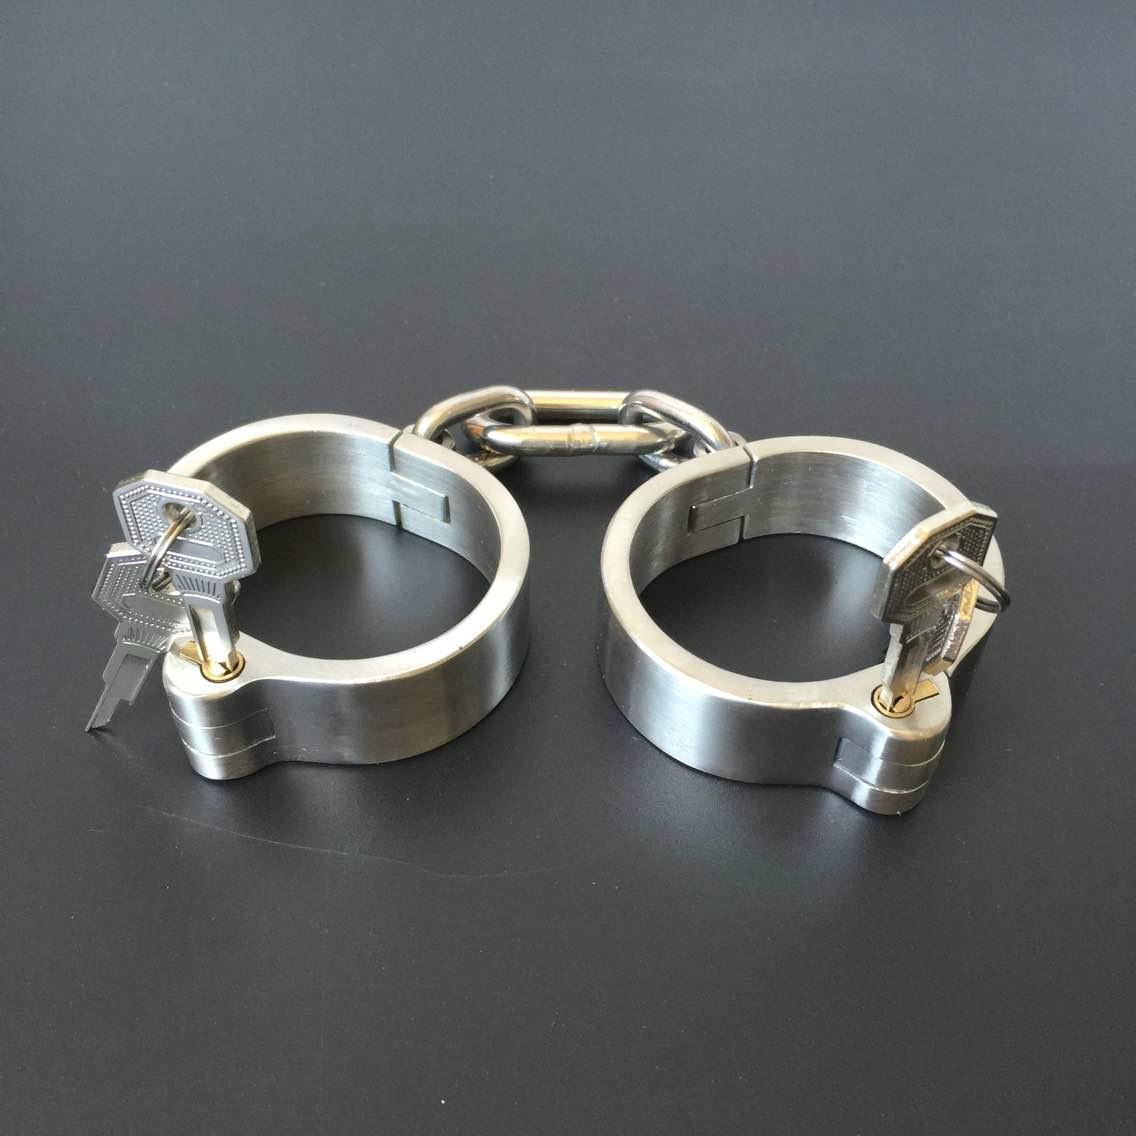 Correas de acero inoxidable unisex tobillo cuffs Bondage Gear BDSM juguetes y juguetes sexuales envío gratis